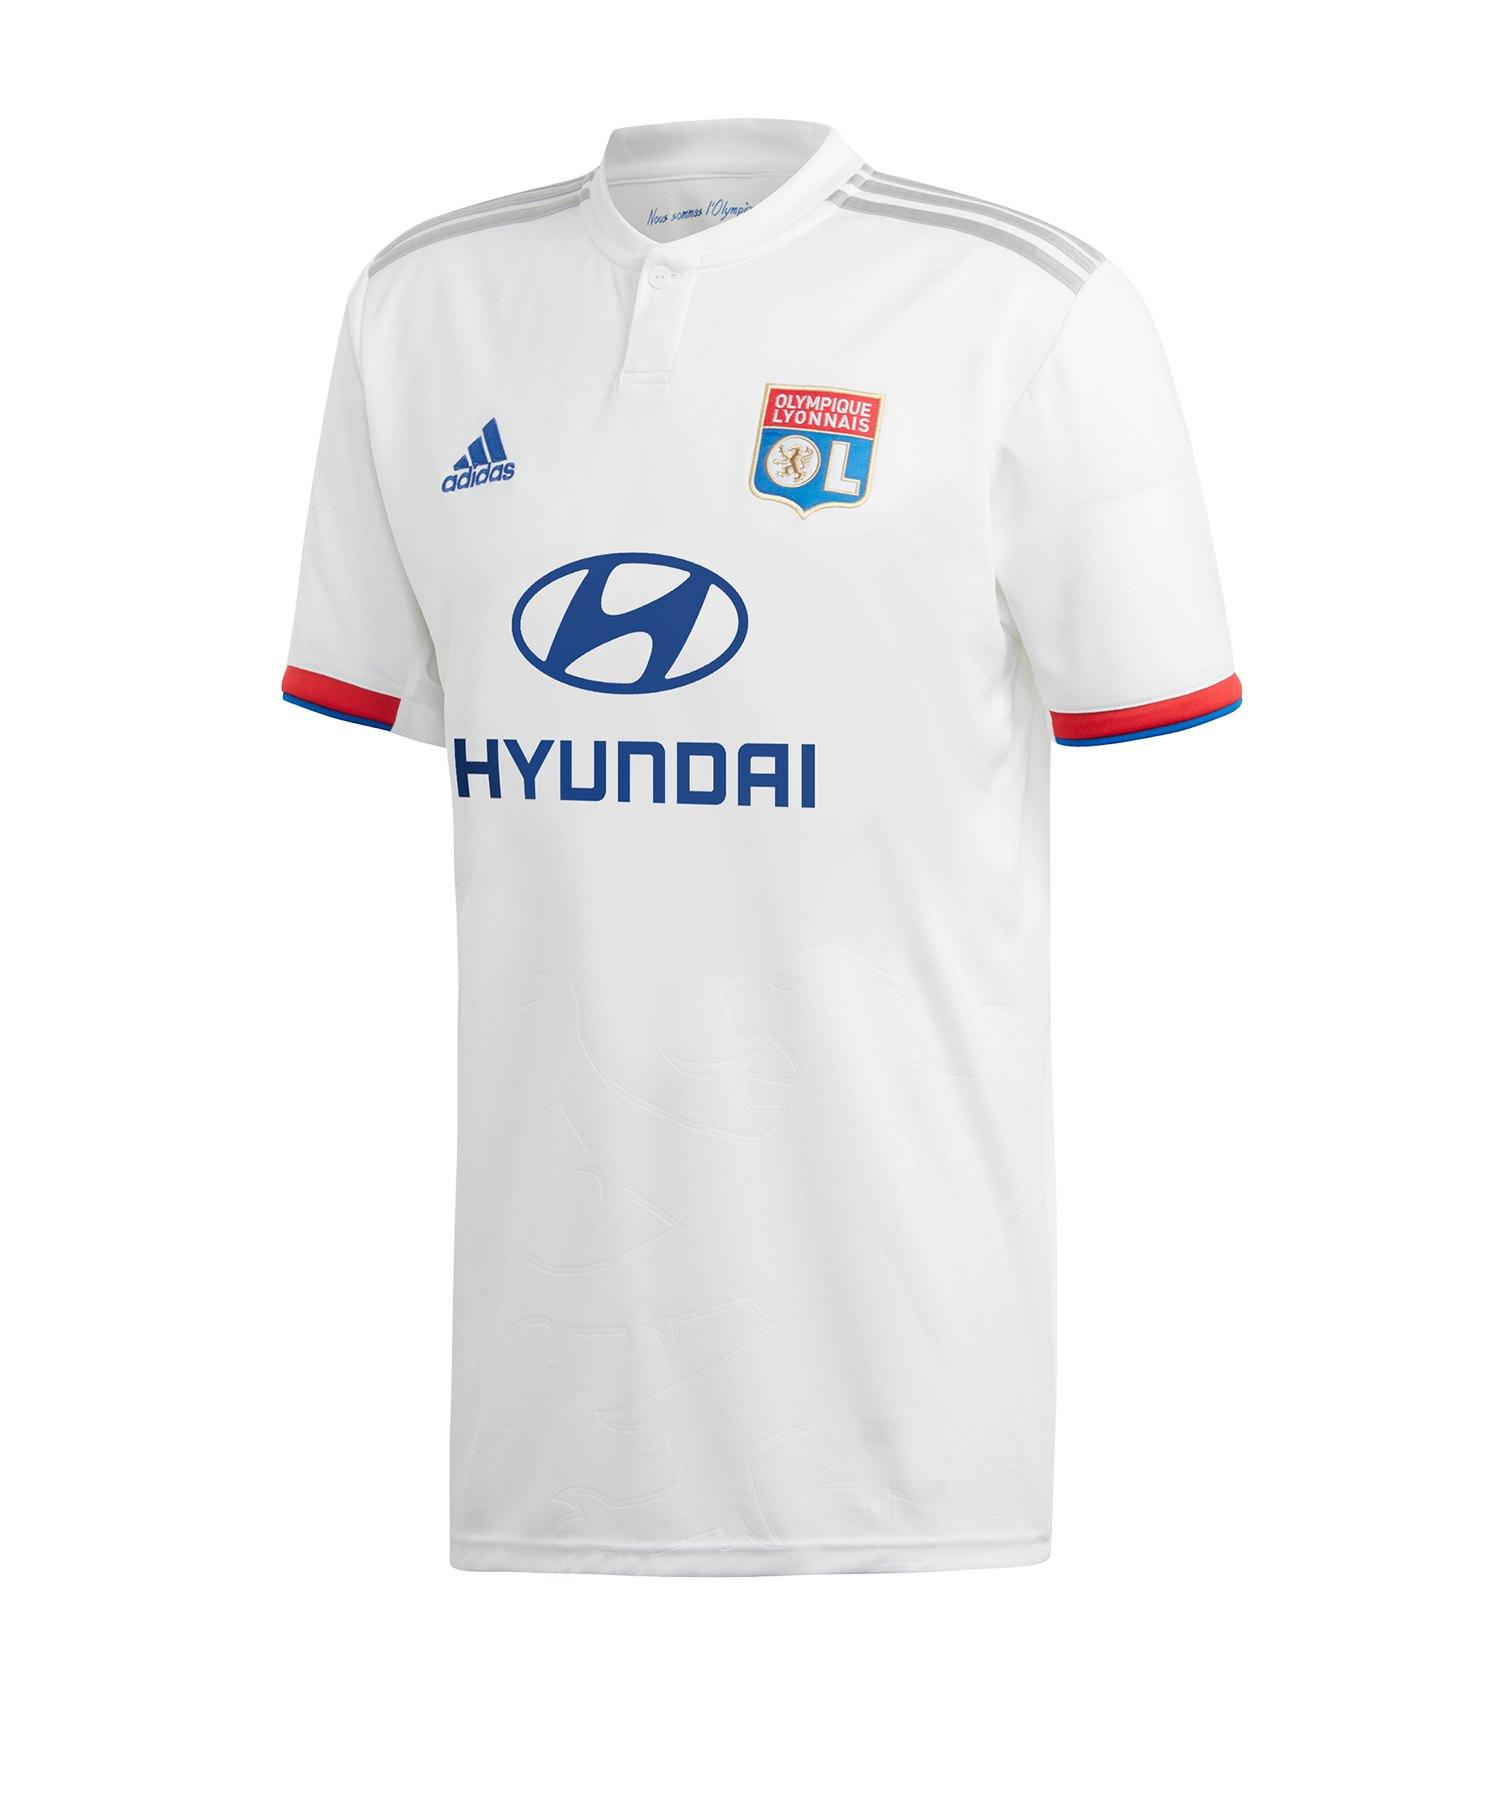 adidas Olympique Lyon Trikot Home 19/20 Weiss - weiss